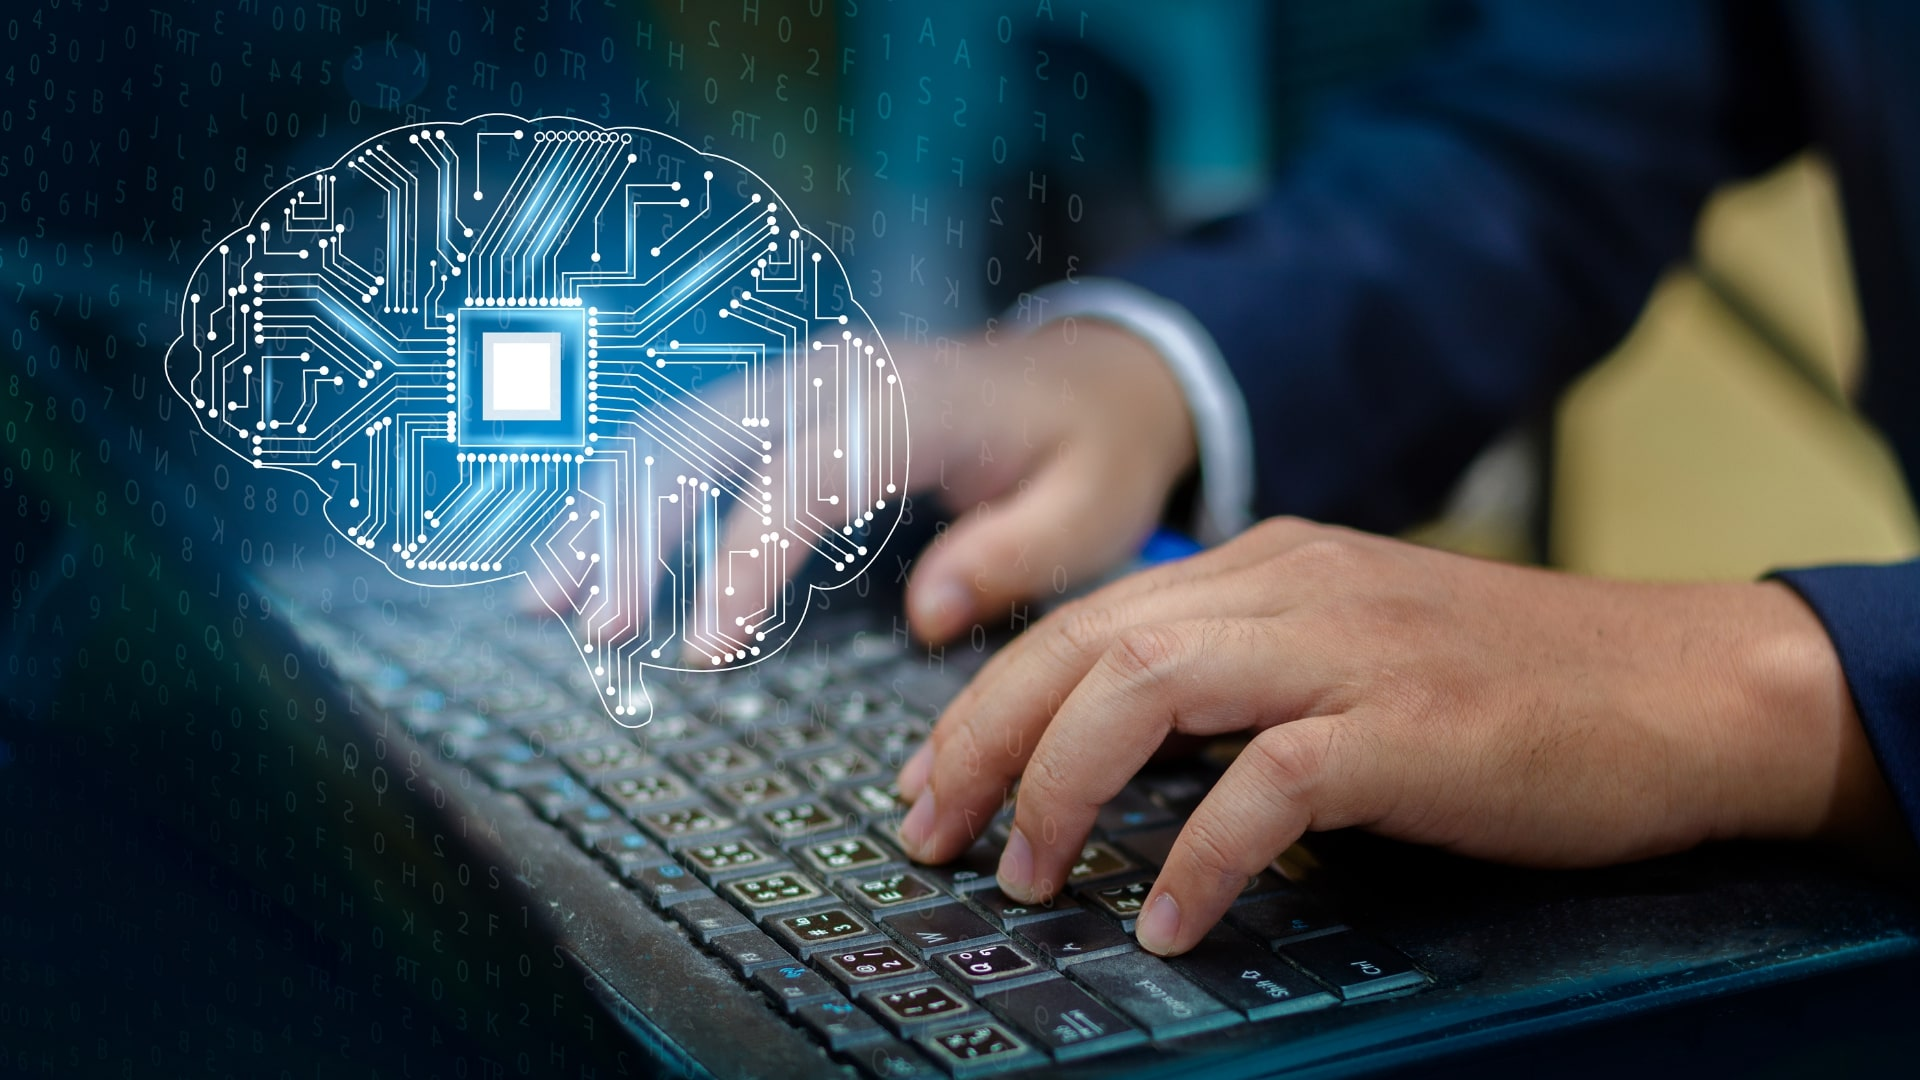 Πληροφορική – Κατεύθυνση 1. Ασφάλεια Κυβερνοχώρου, 2. Κινητά Συστήματα, 3. Τεχνολογίες Blockchain